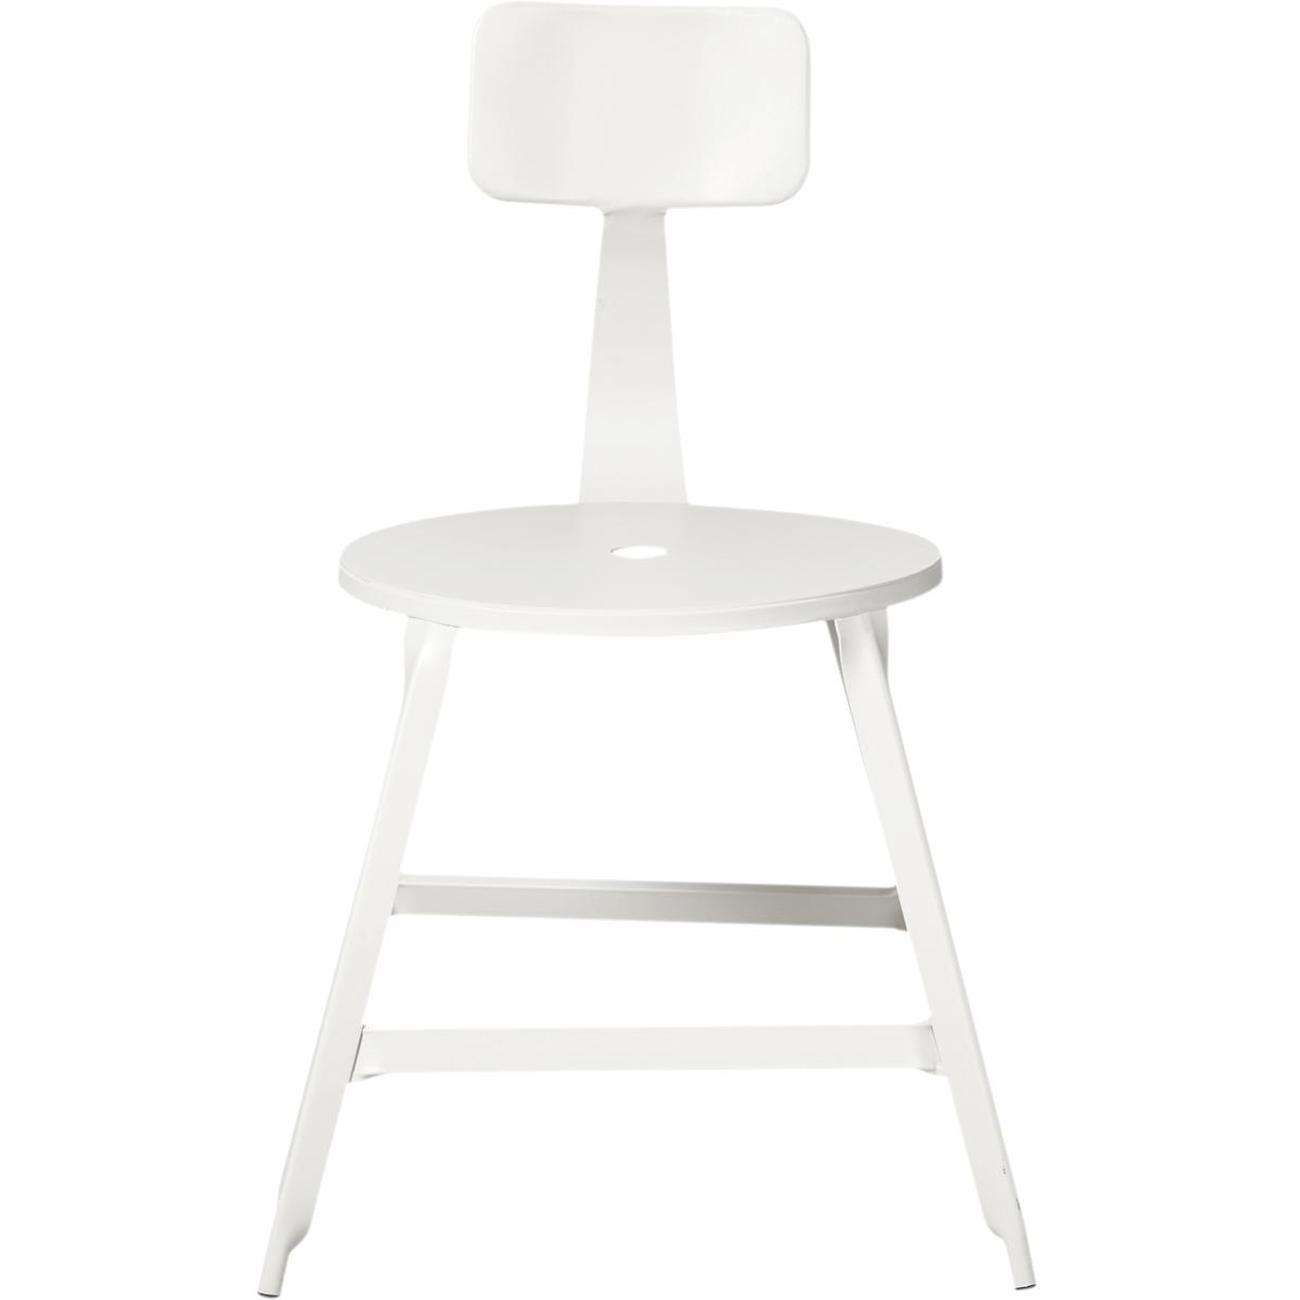 Bobochic Lot De 2 Chaises En Métal Style Industriel Vetro encequiconcerne Chaise De Jardin Auchan